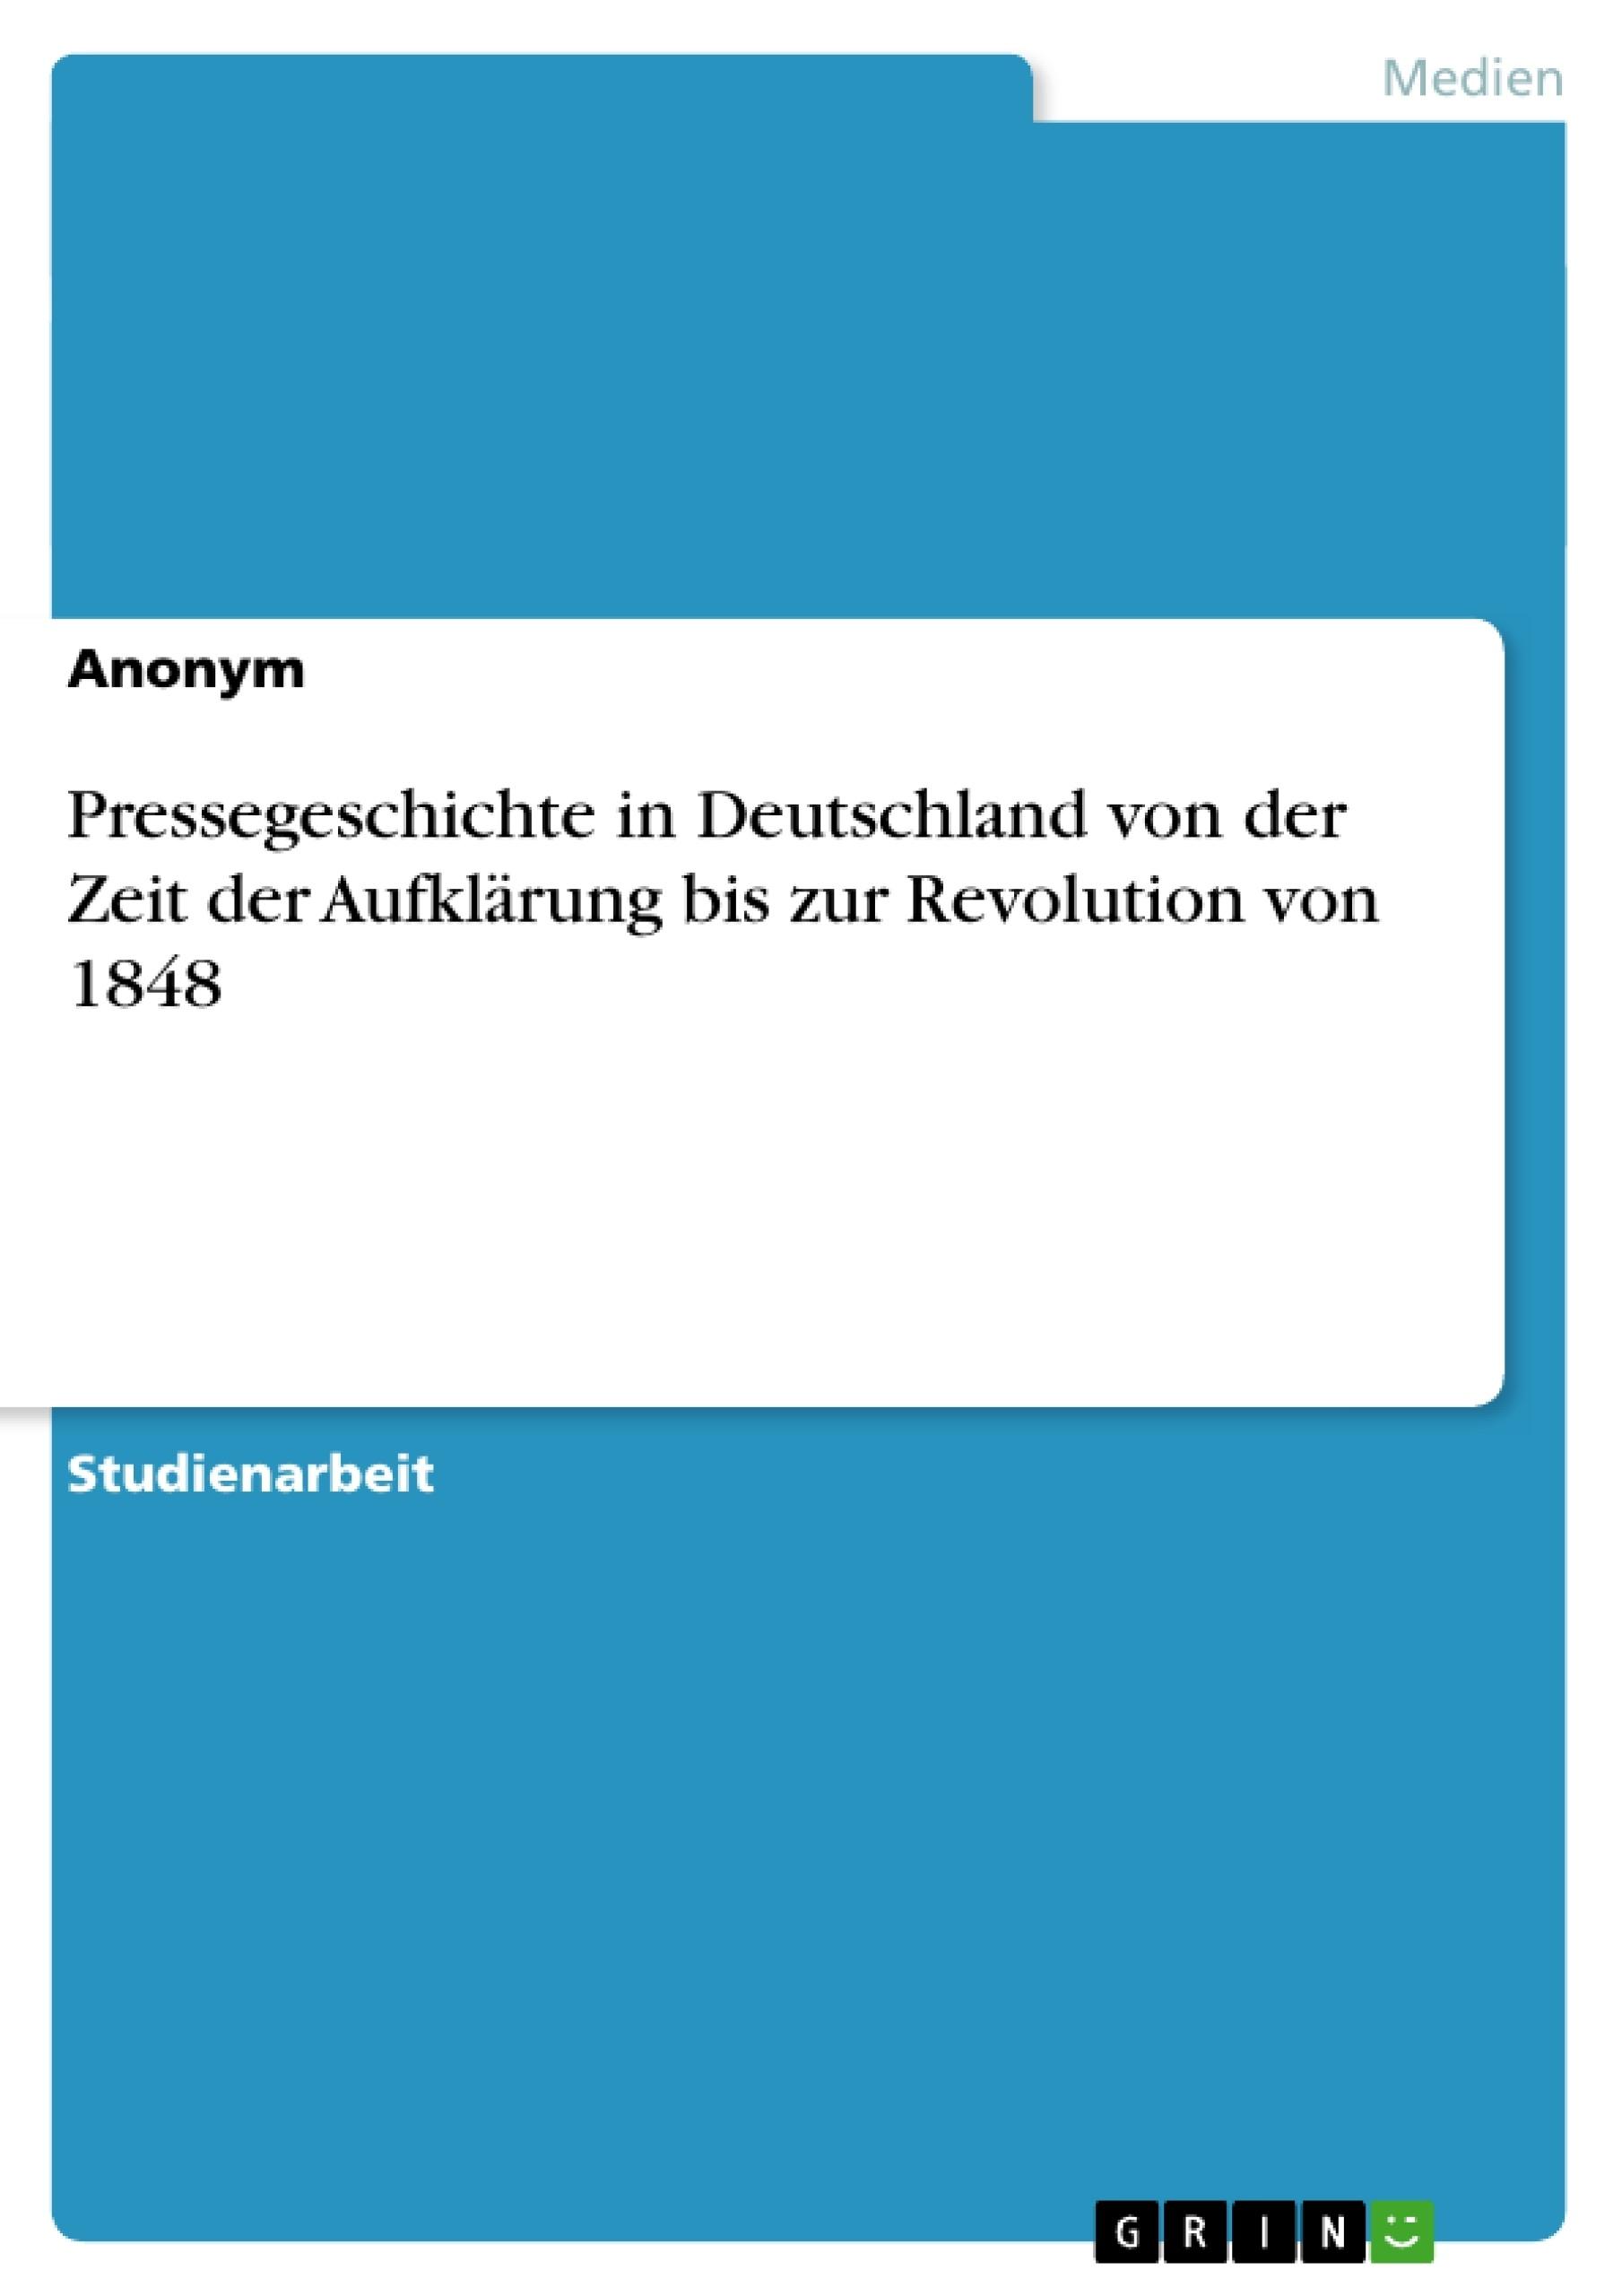 Titel: Pressegeschichte in Deutschland von der Zeit der Aufklärung bis zur Revolution von 1848